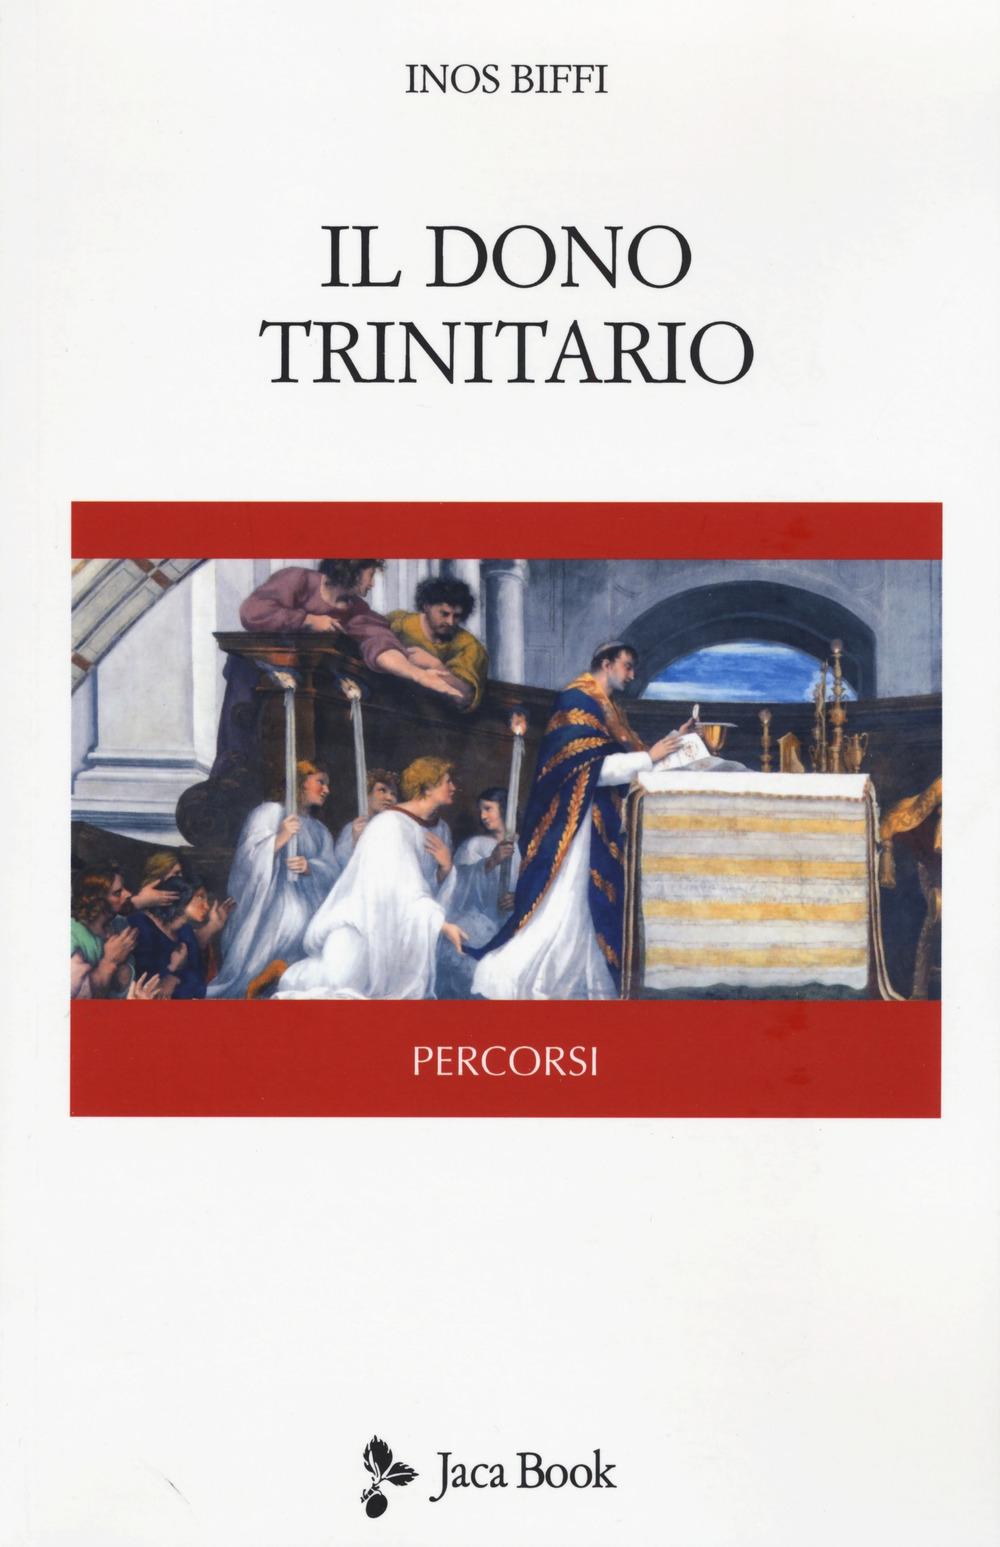 Il dono trinitario